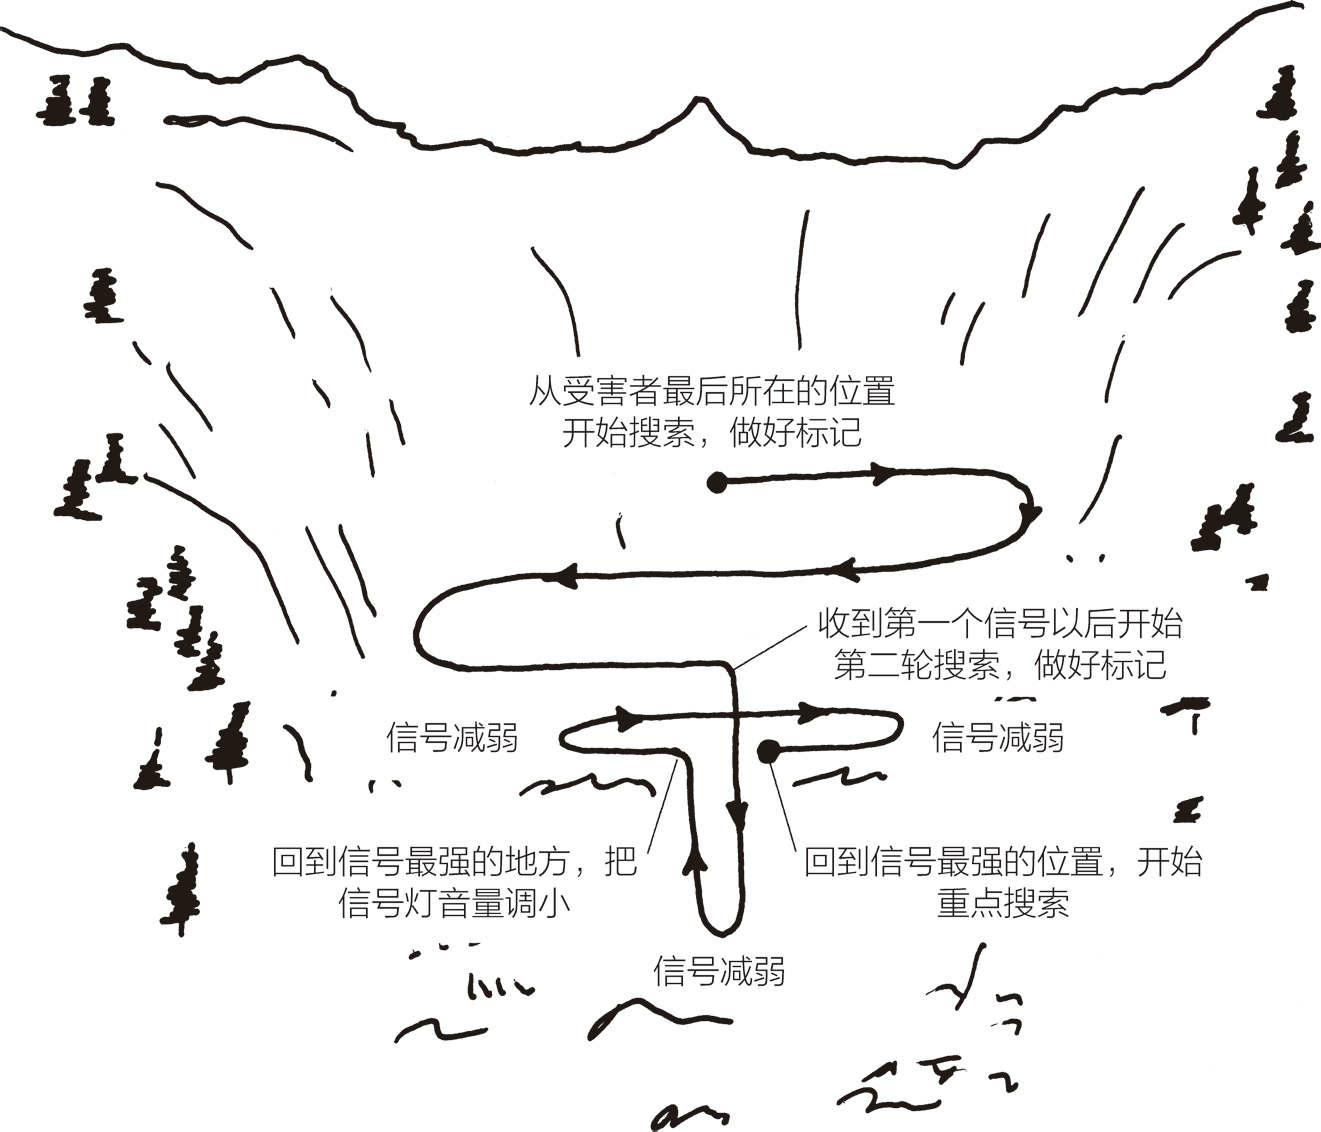 雪崩遇难人员大致搜索和仔细搜索